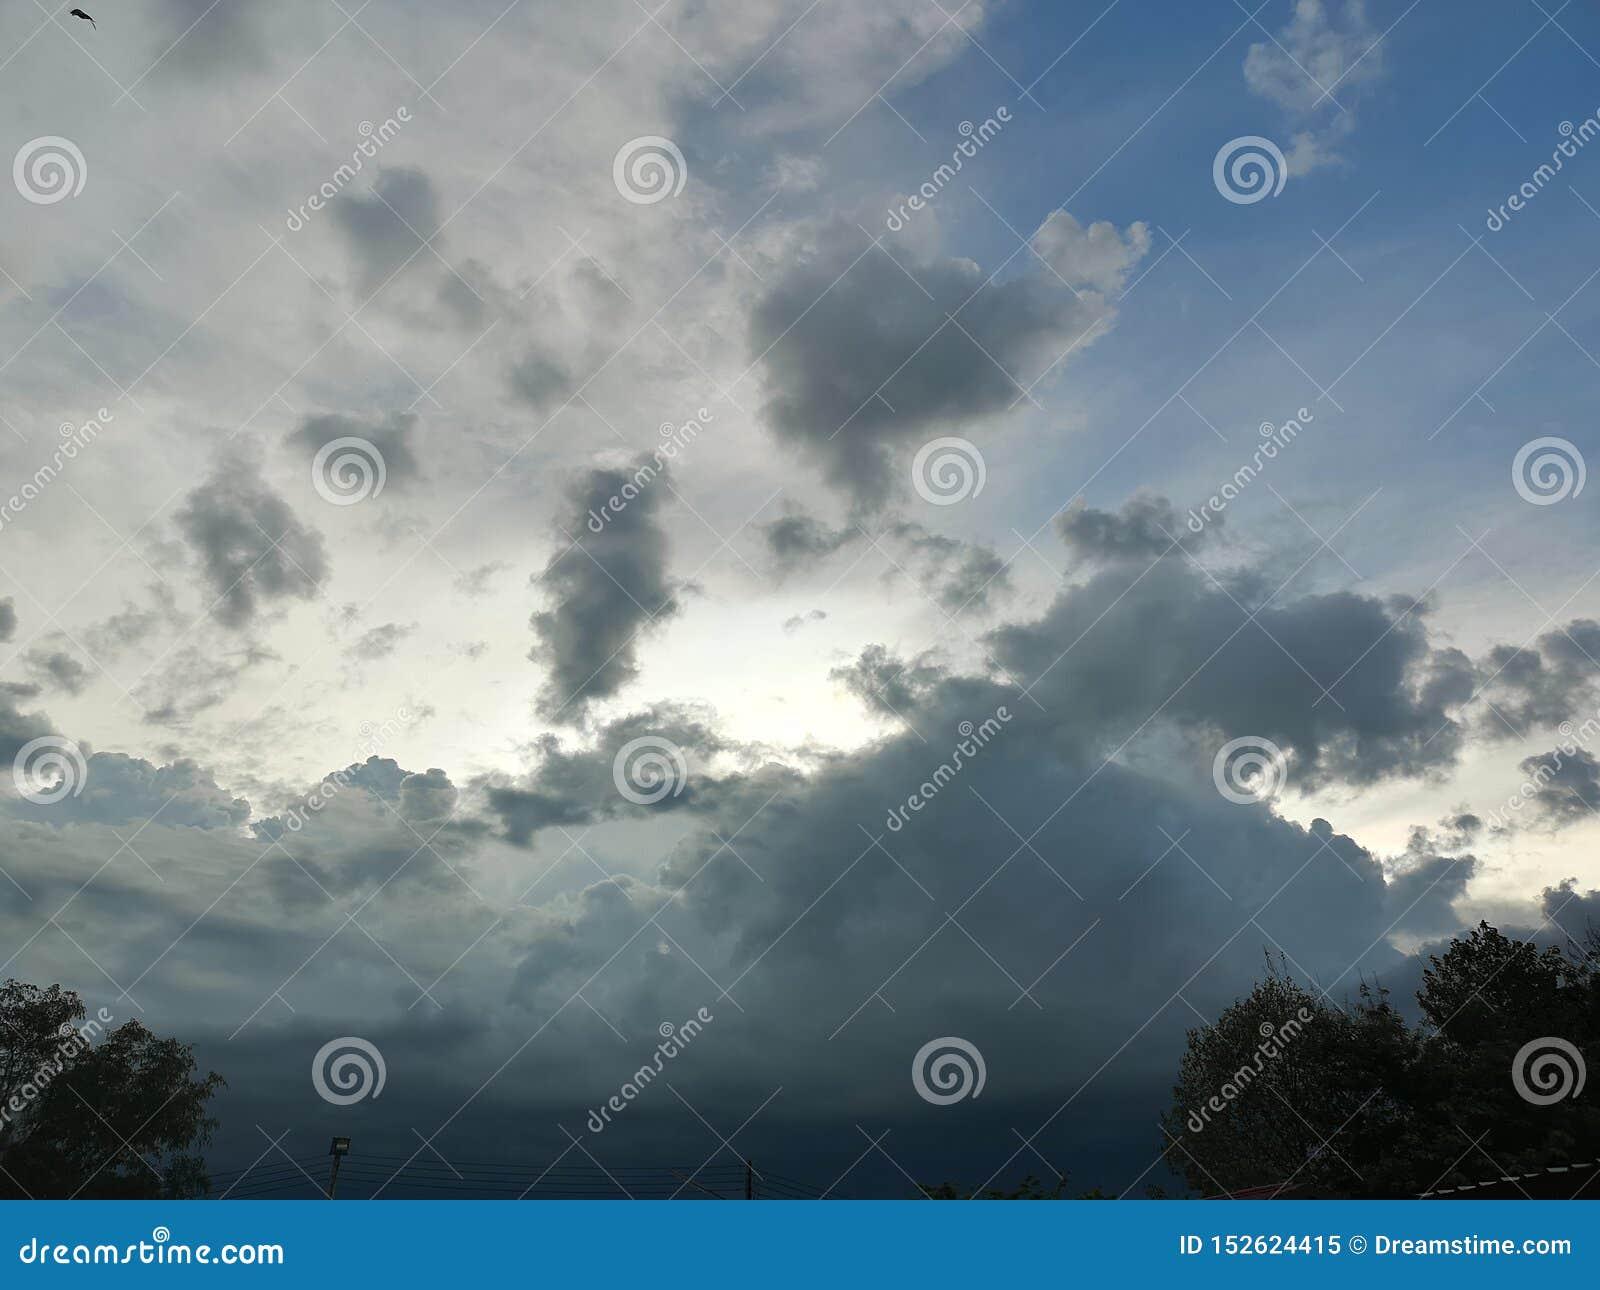 我希望哭泣的那朵云彩